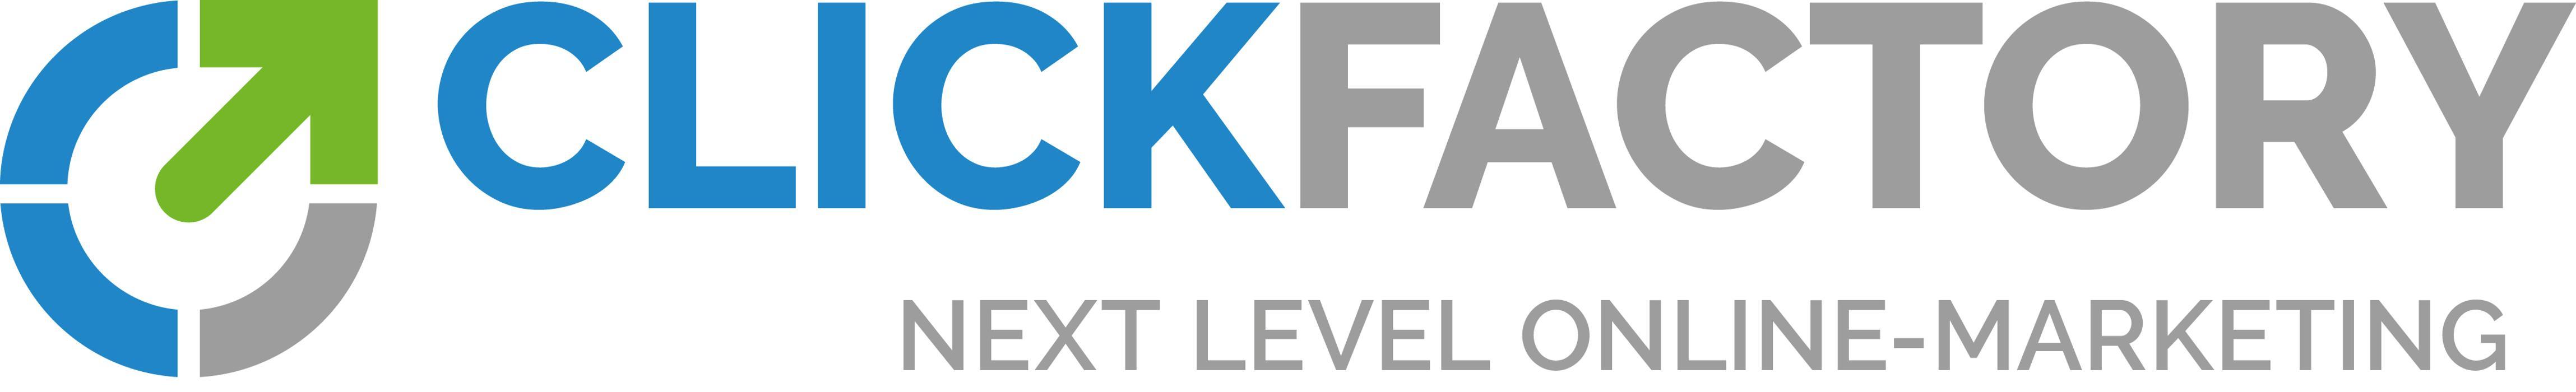 Bild zu Clickfactory Online-Marketing in Stuttgart